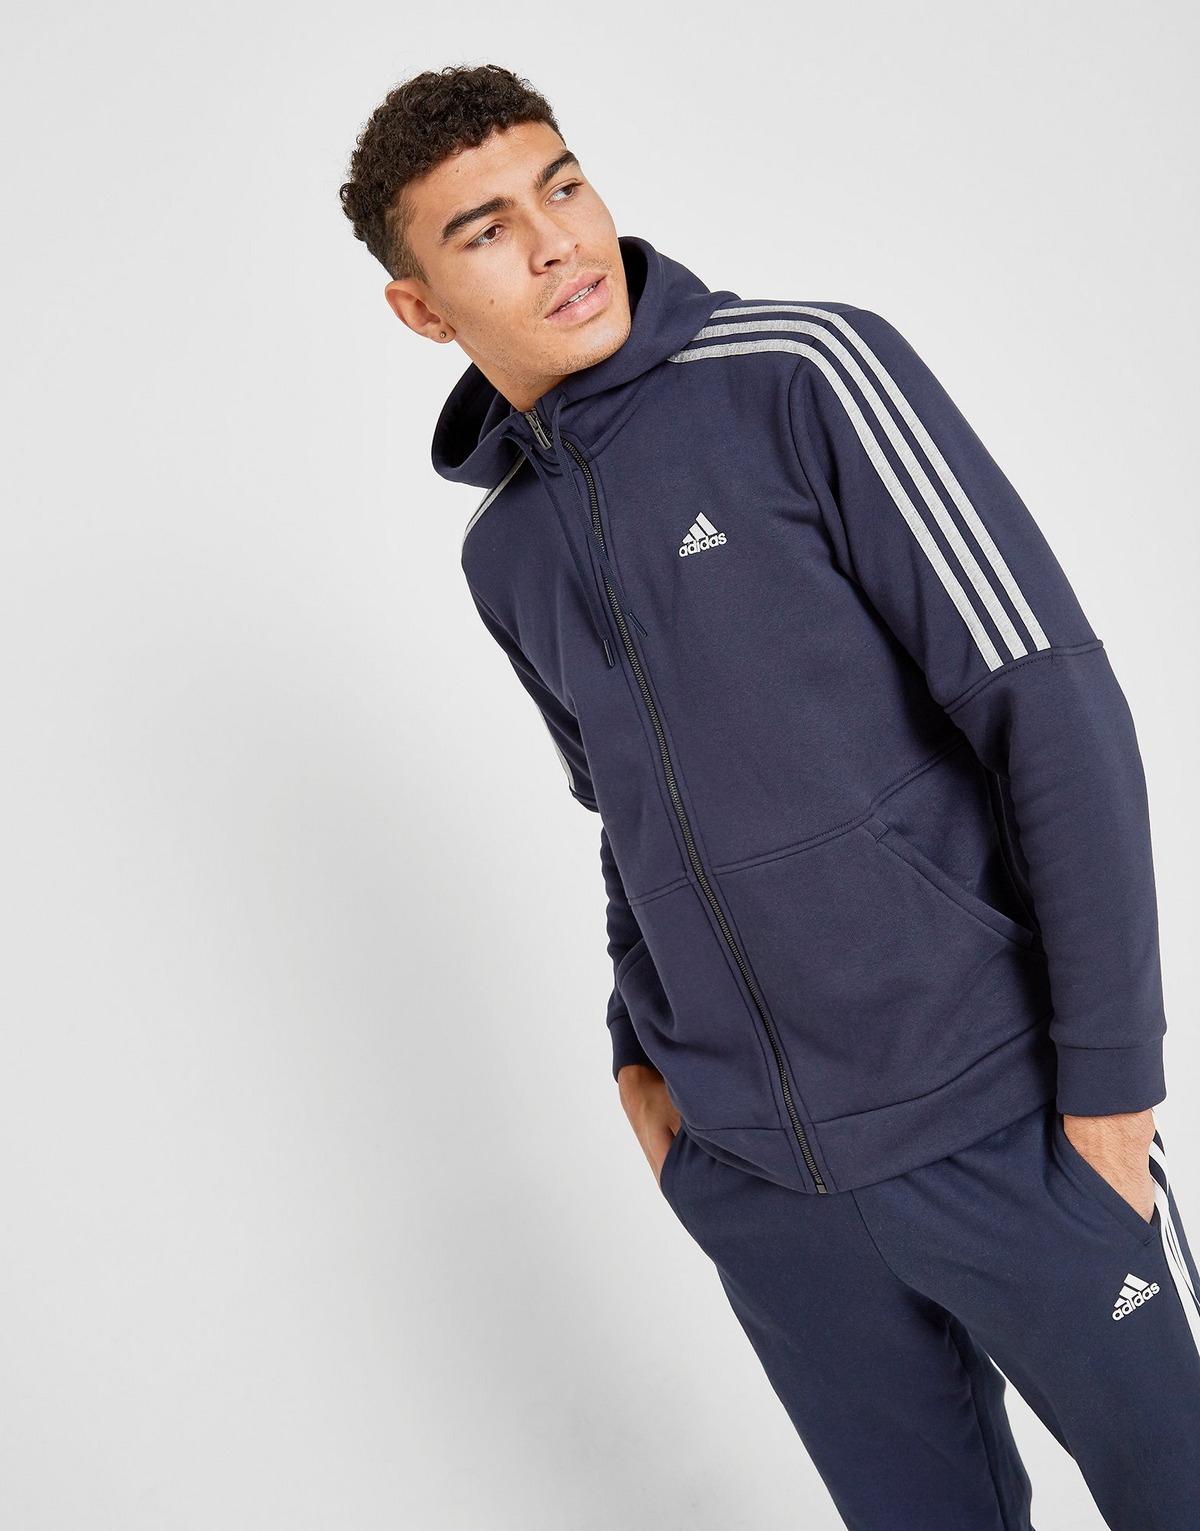 Sudadera con capucha Adidas Essential para Hombre Talla L